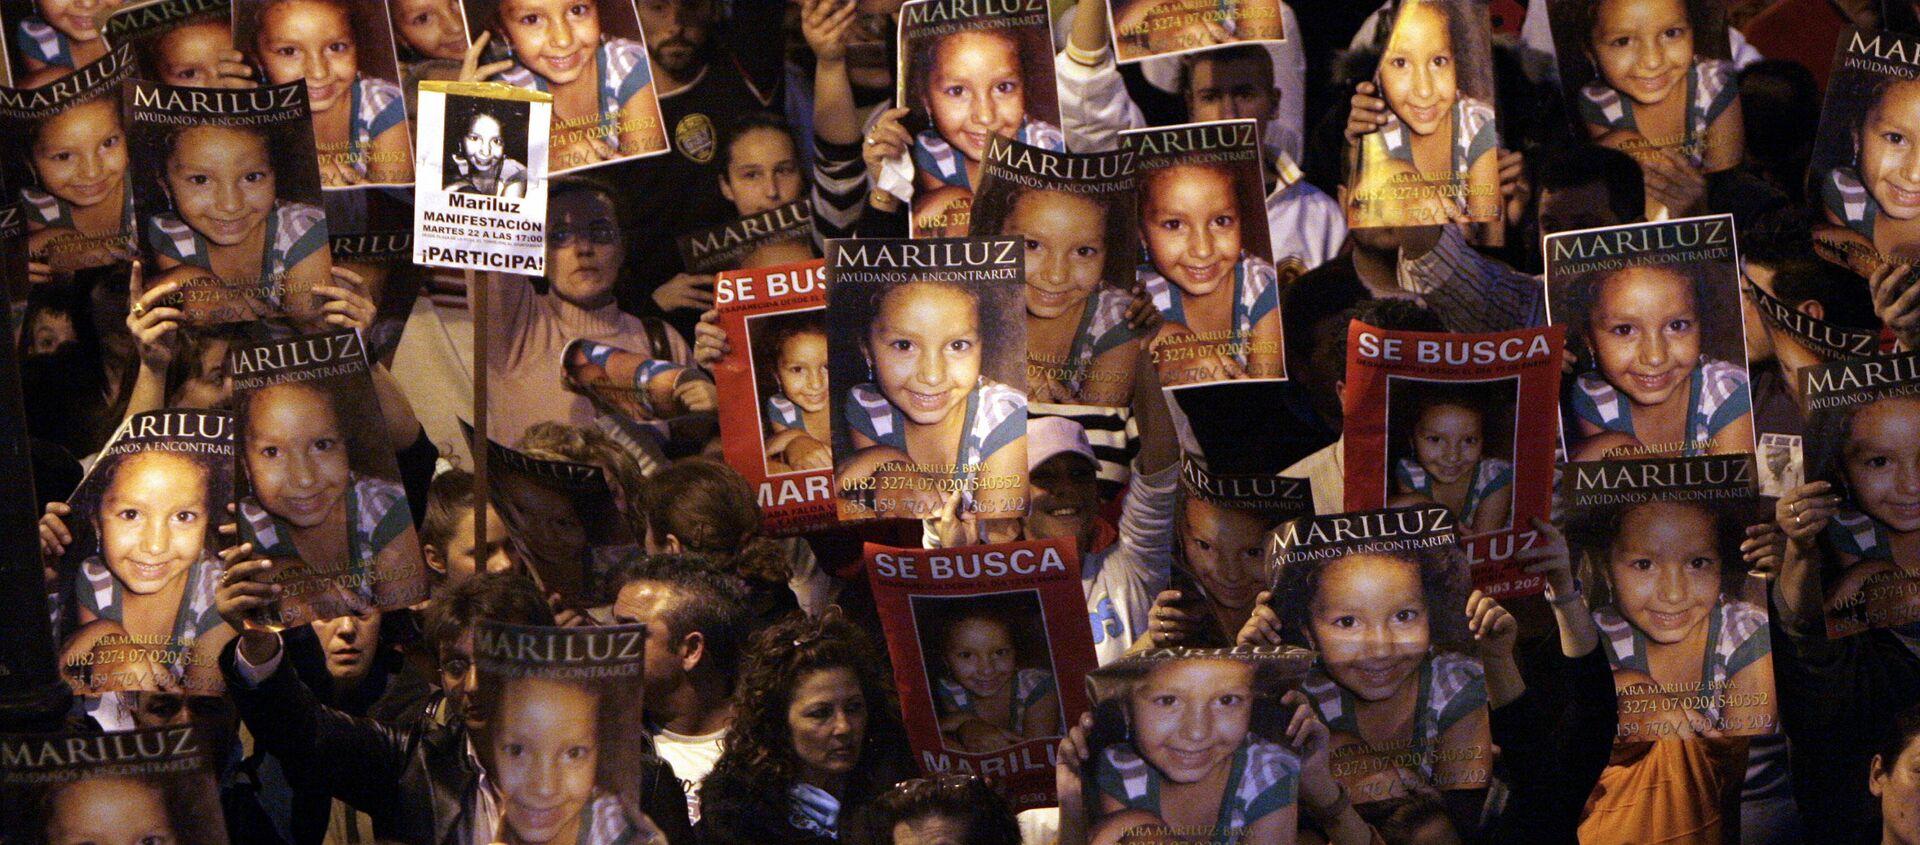 Manifestación de 2008 por la búsqueda de la niña Mari Luz Cortés, en Huelva  - Sputnik Mundo, 1920, 09.07.2020